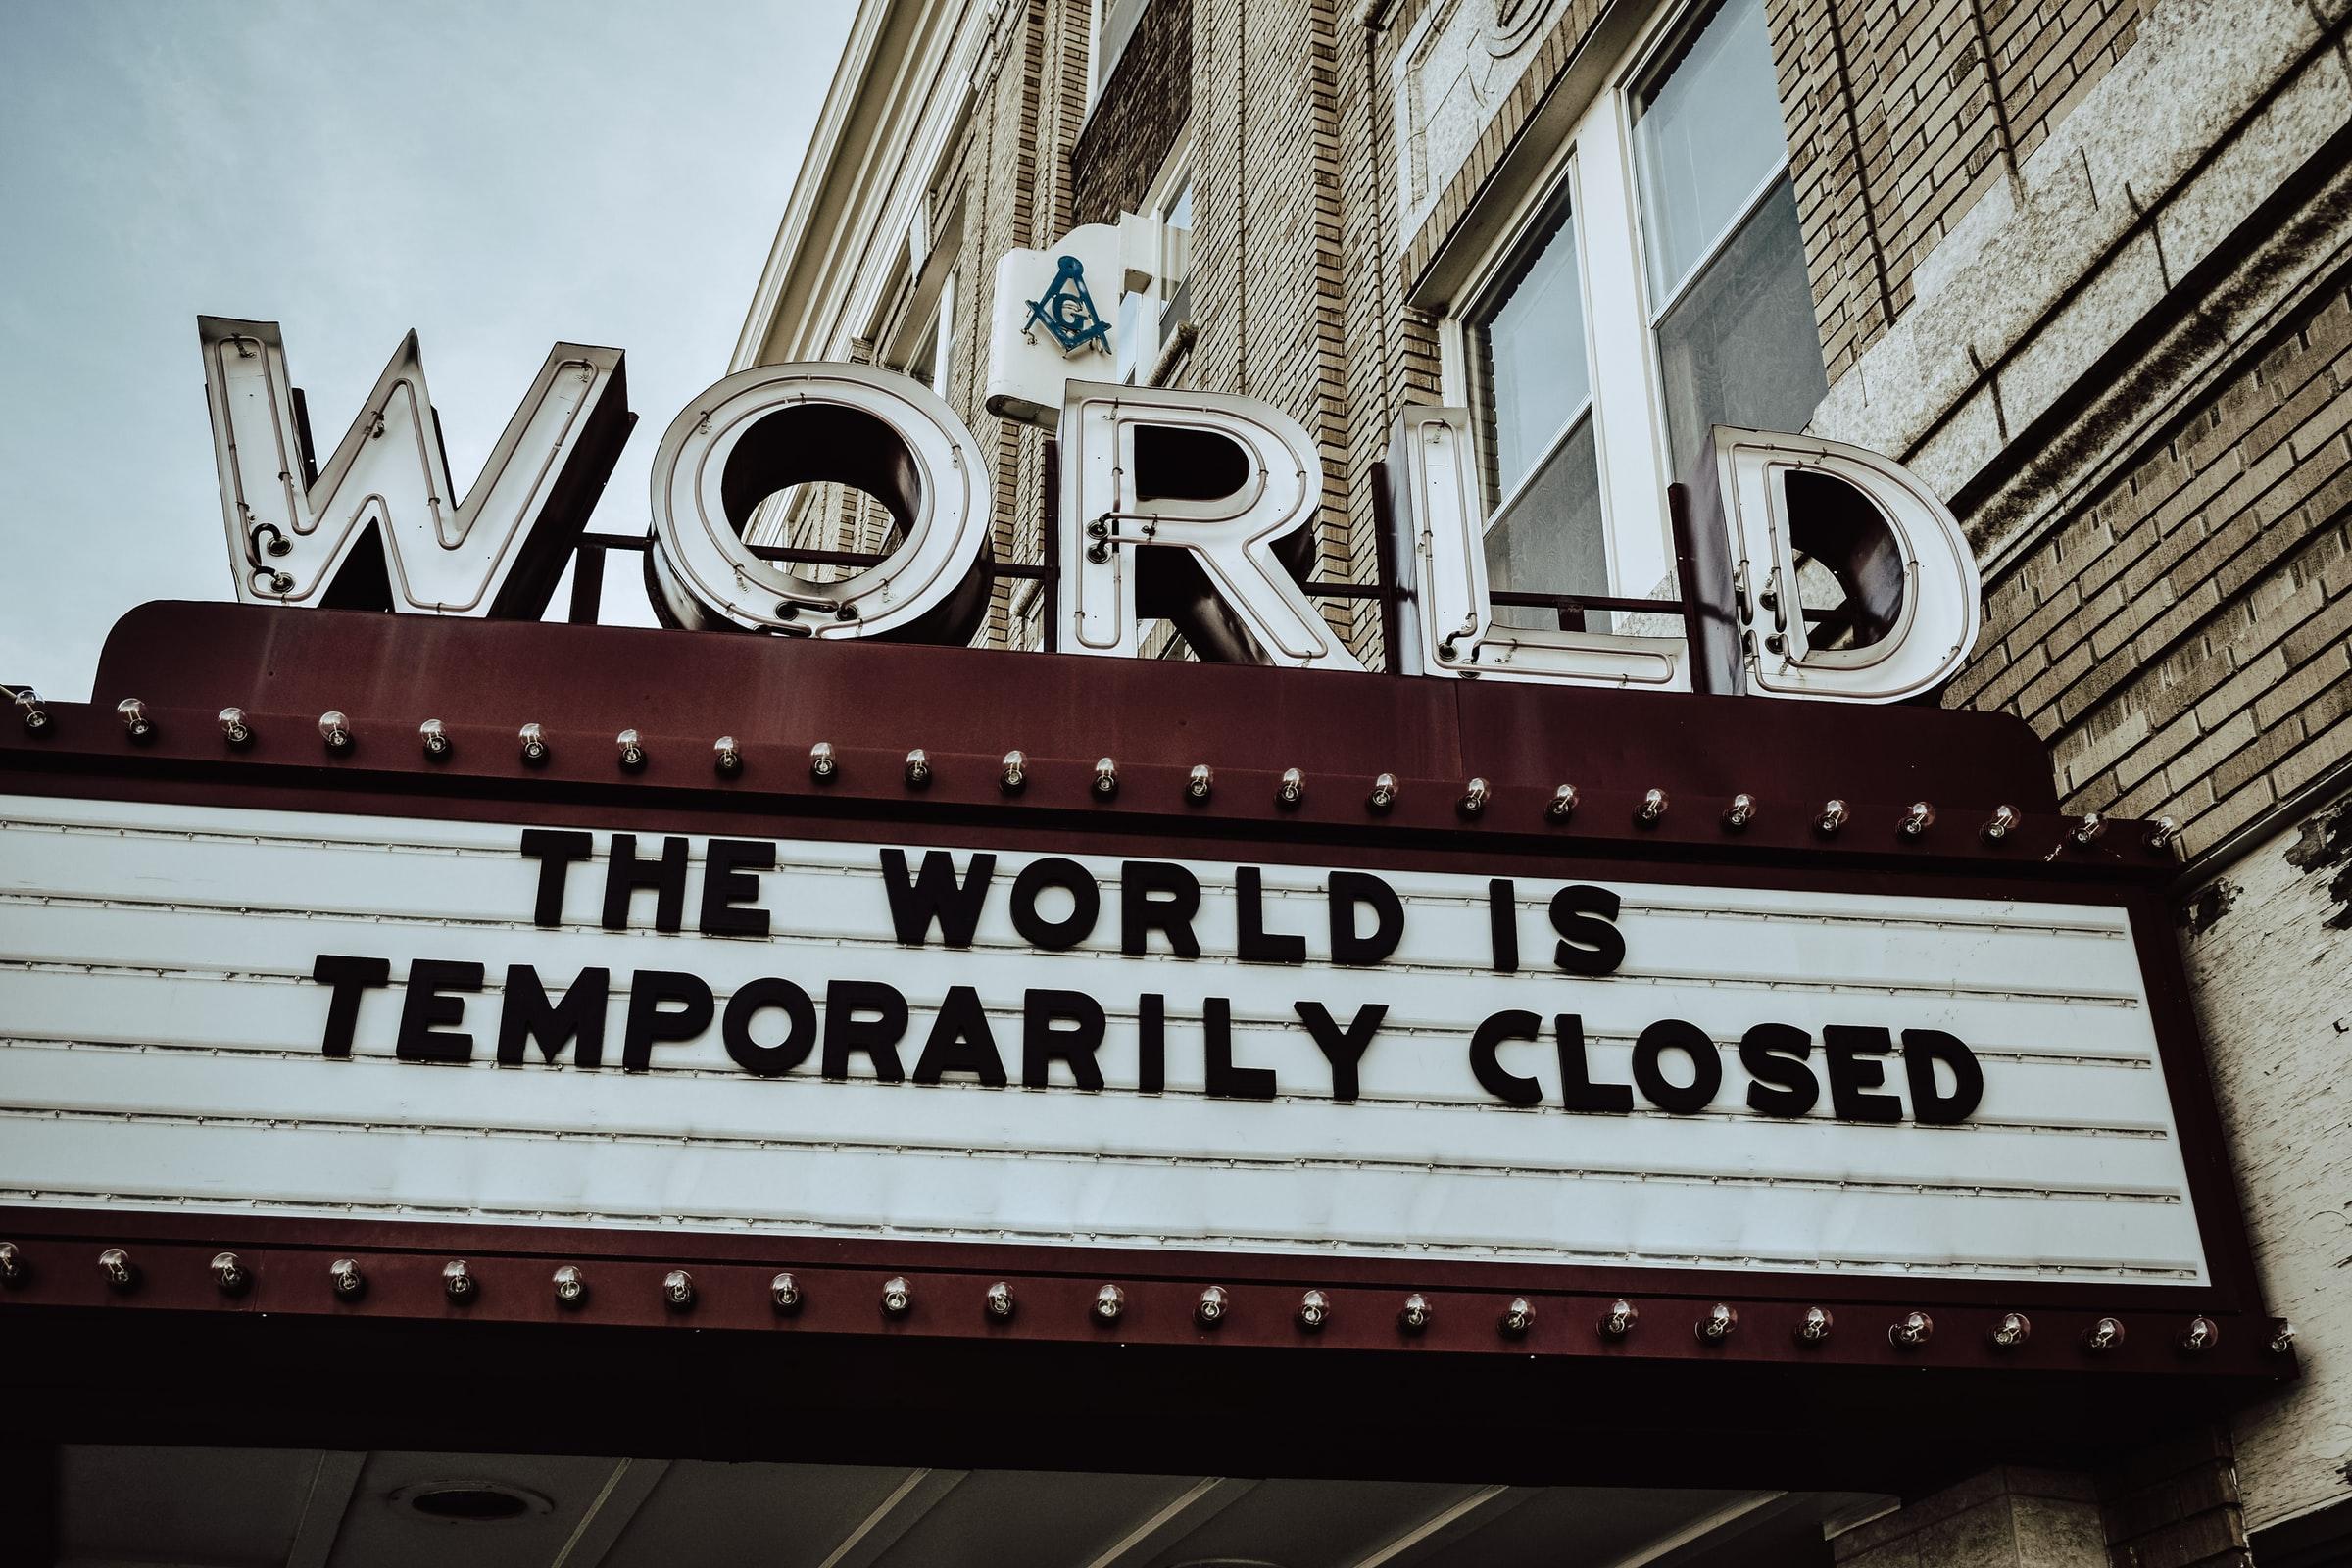 Cine World cerrado sin contenido